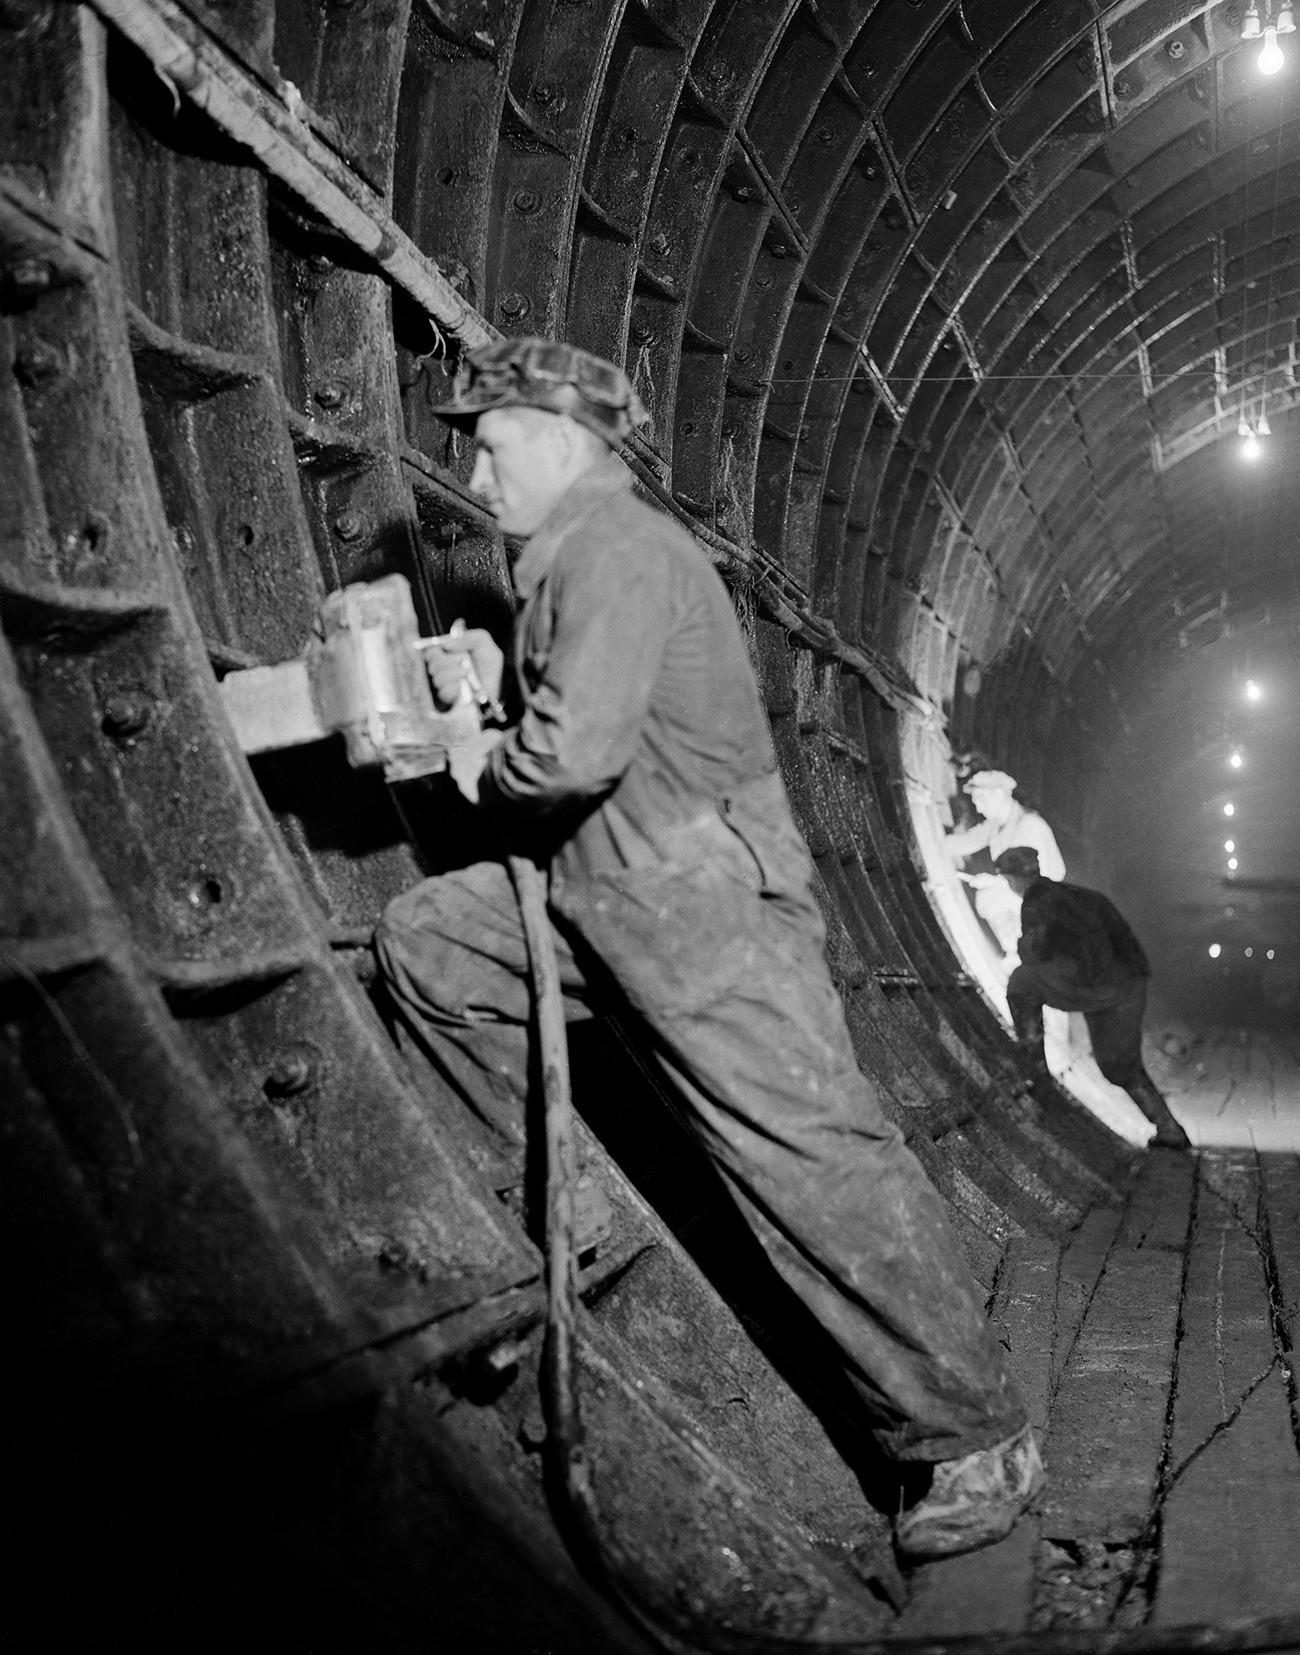 Gradnja metro linije Arbatsko-Pokrovskaja v Moskvi, 1944